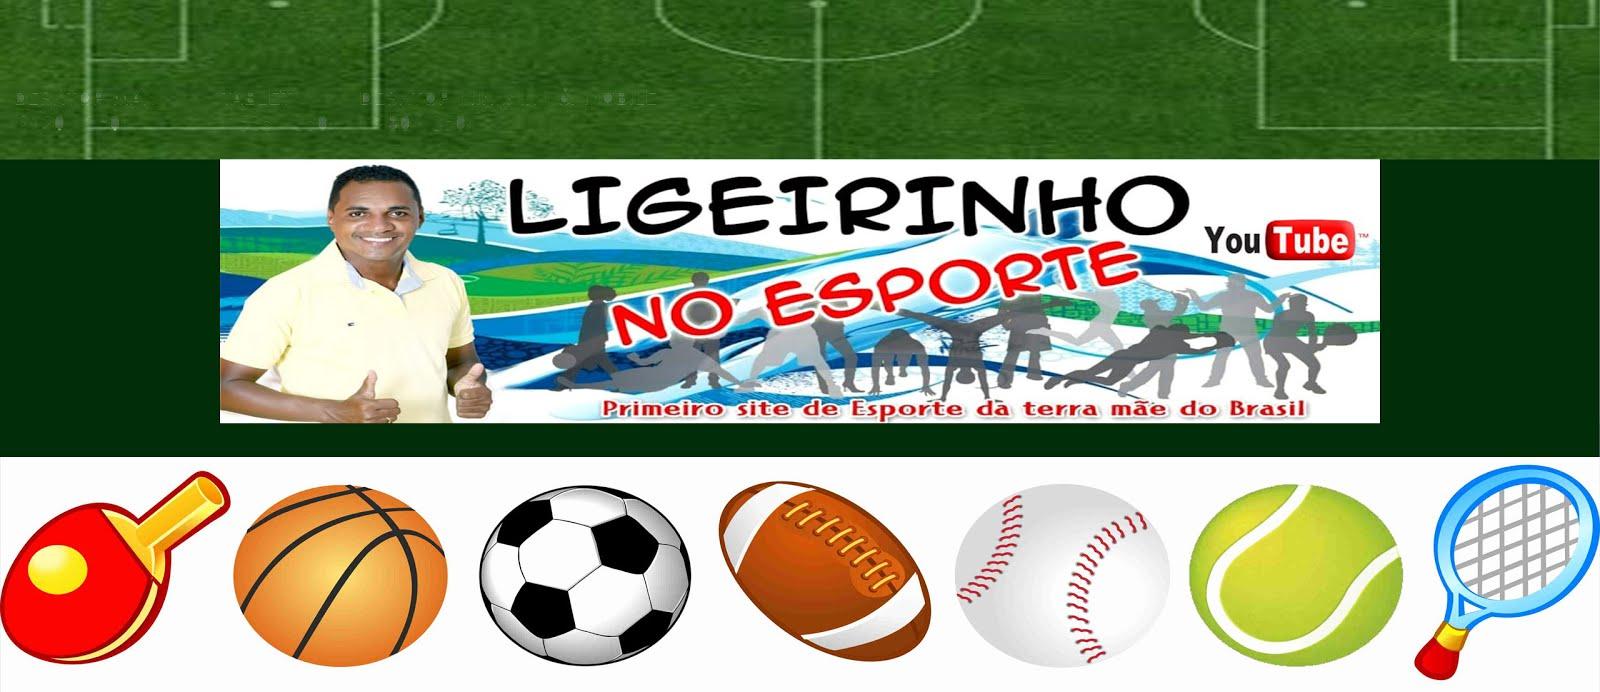 LIGEIRINHO NO ESPORTE